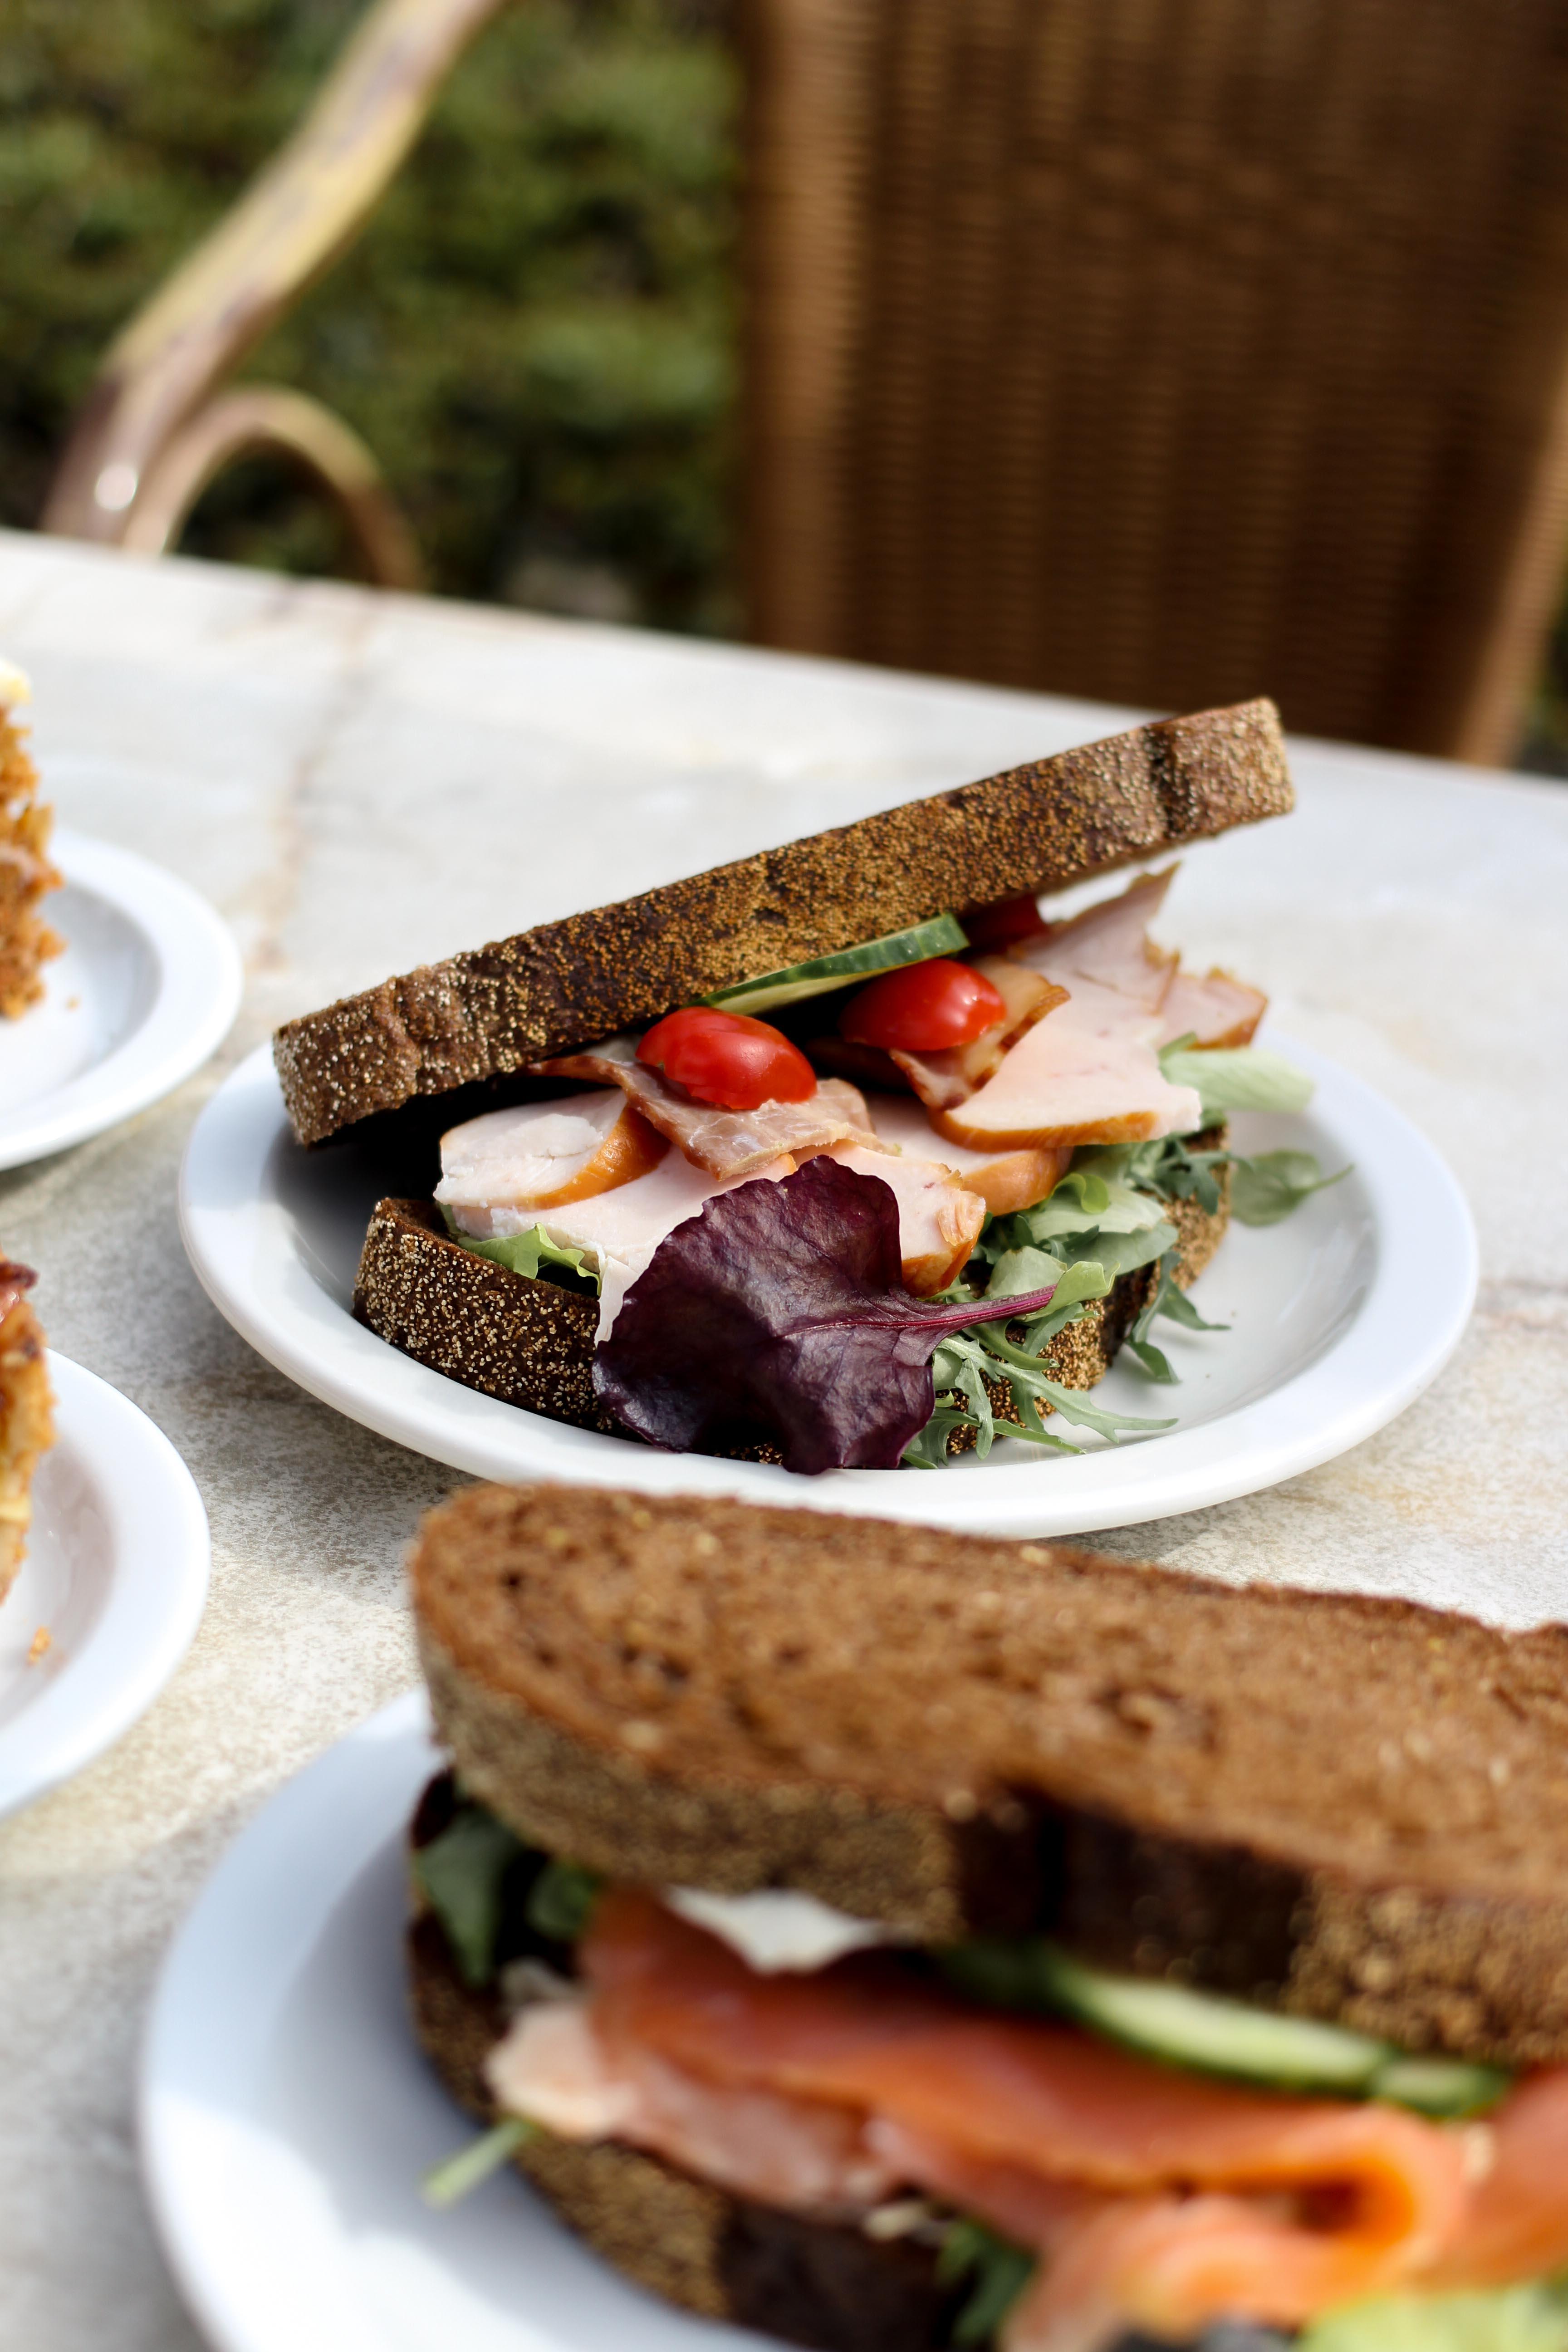 die Gärten von Appeltern Holland Wochenendtrip Tuinen van Appeltern das andere Holland Reiseblog Ausflug Deutschland Bistro Restaurant Sandwich lachs